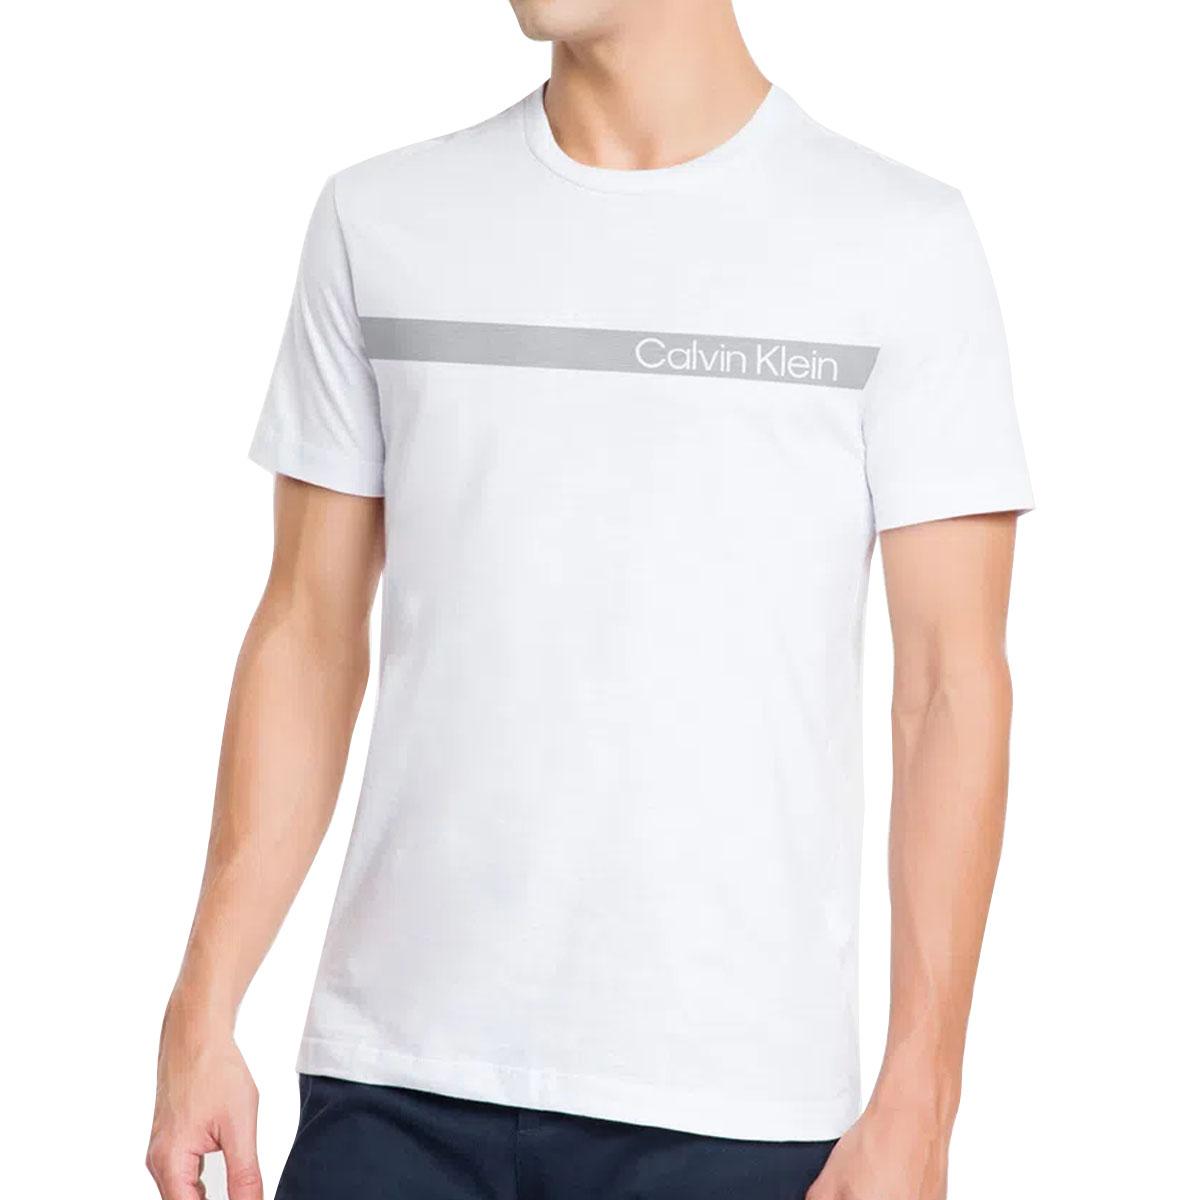 Camiseta Calvin Klein Slim Institucional Faixa Branca